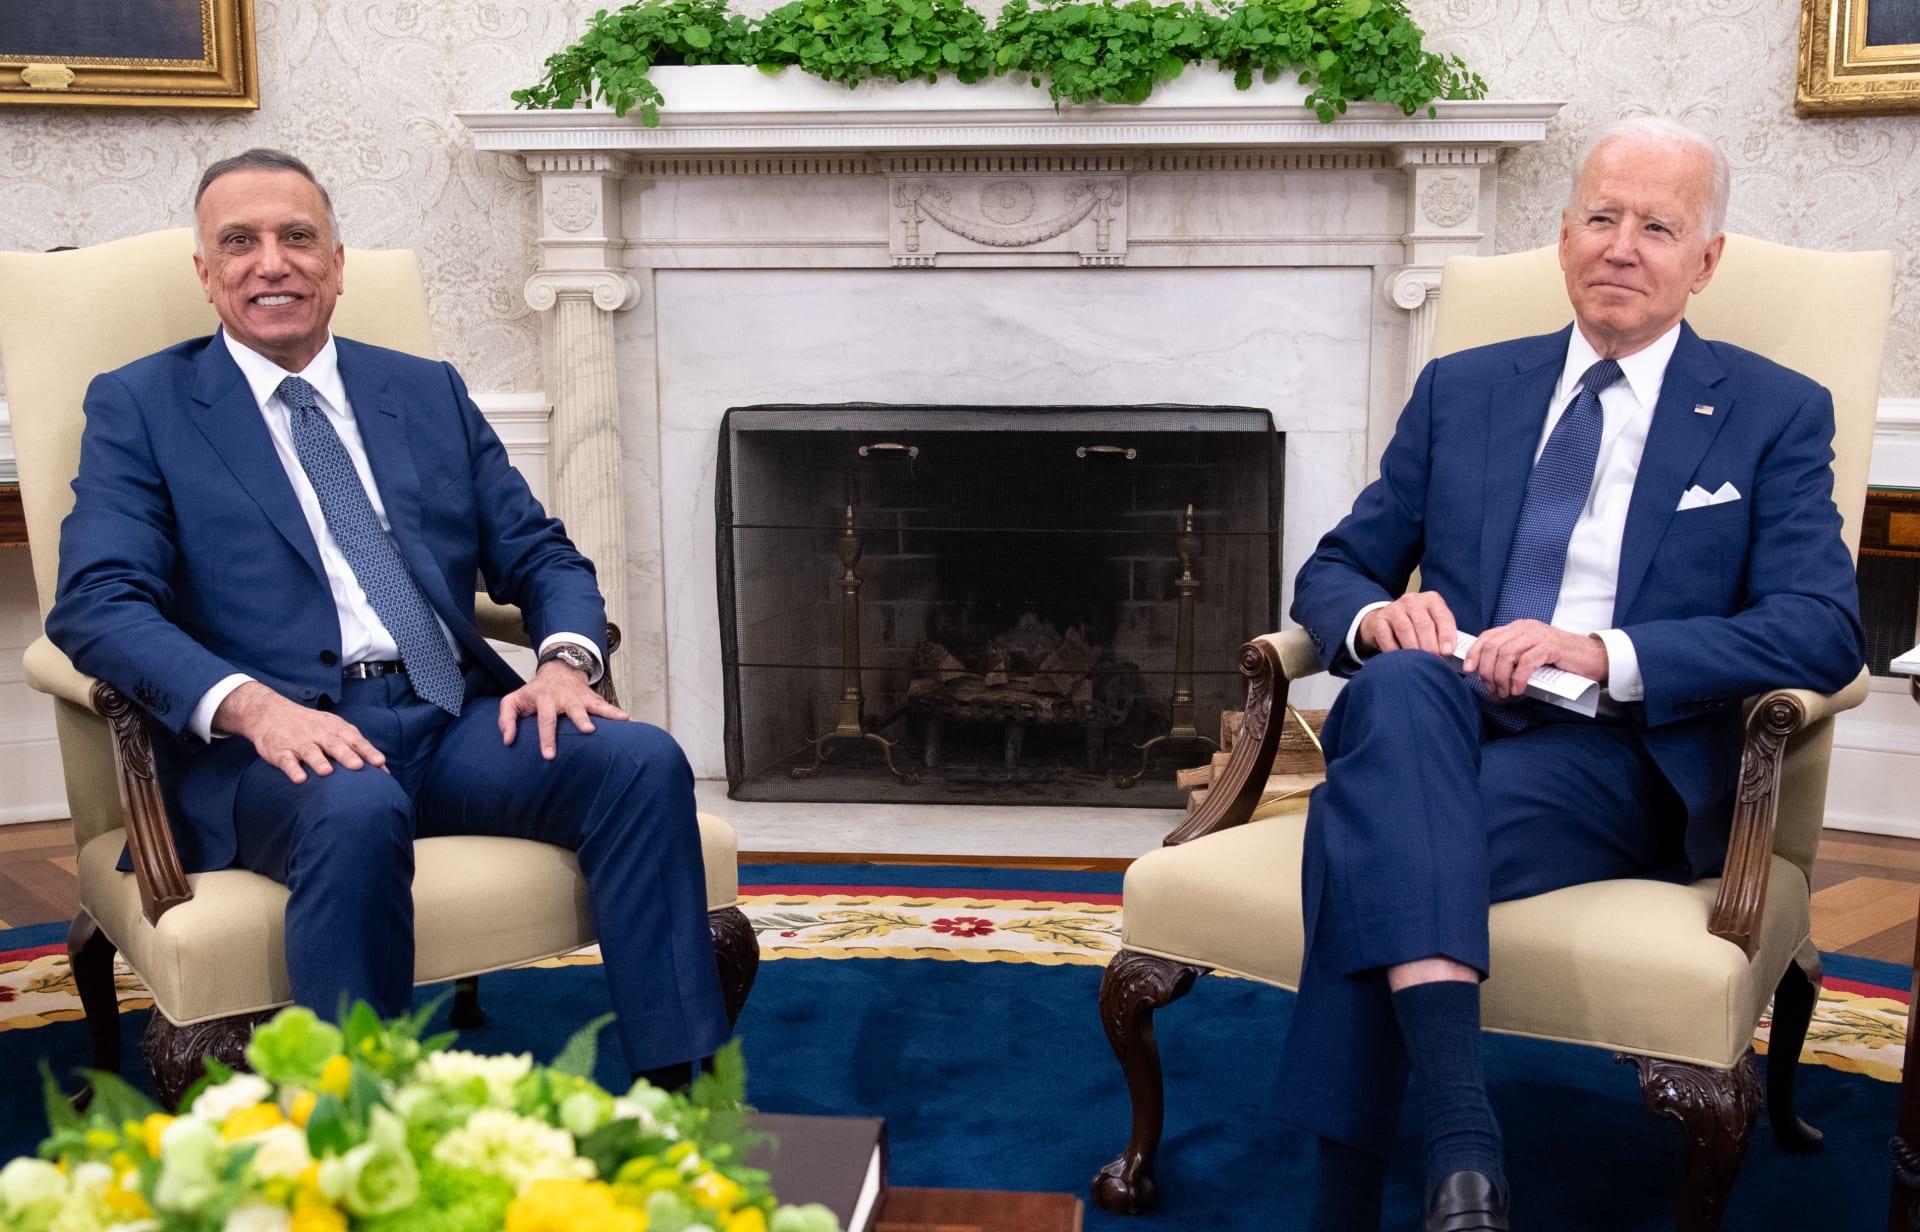 لقاء بايدن والكاظمي في البيت الأبيض